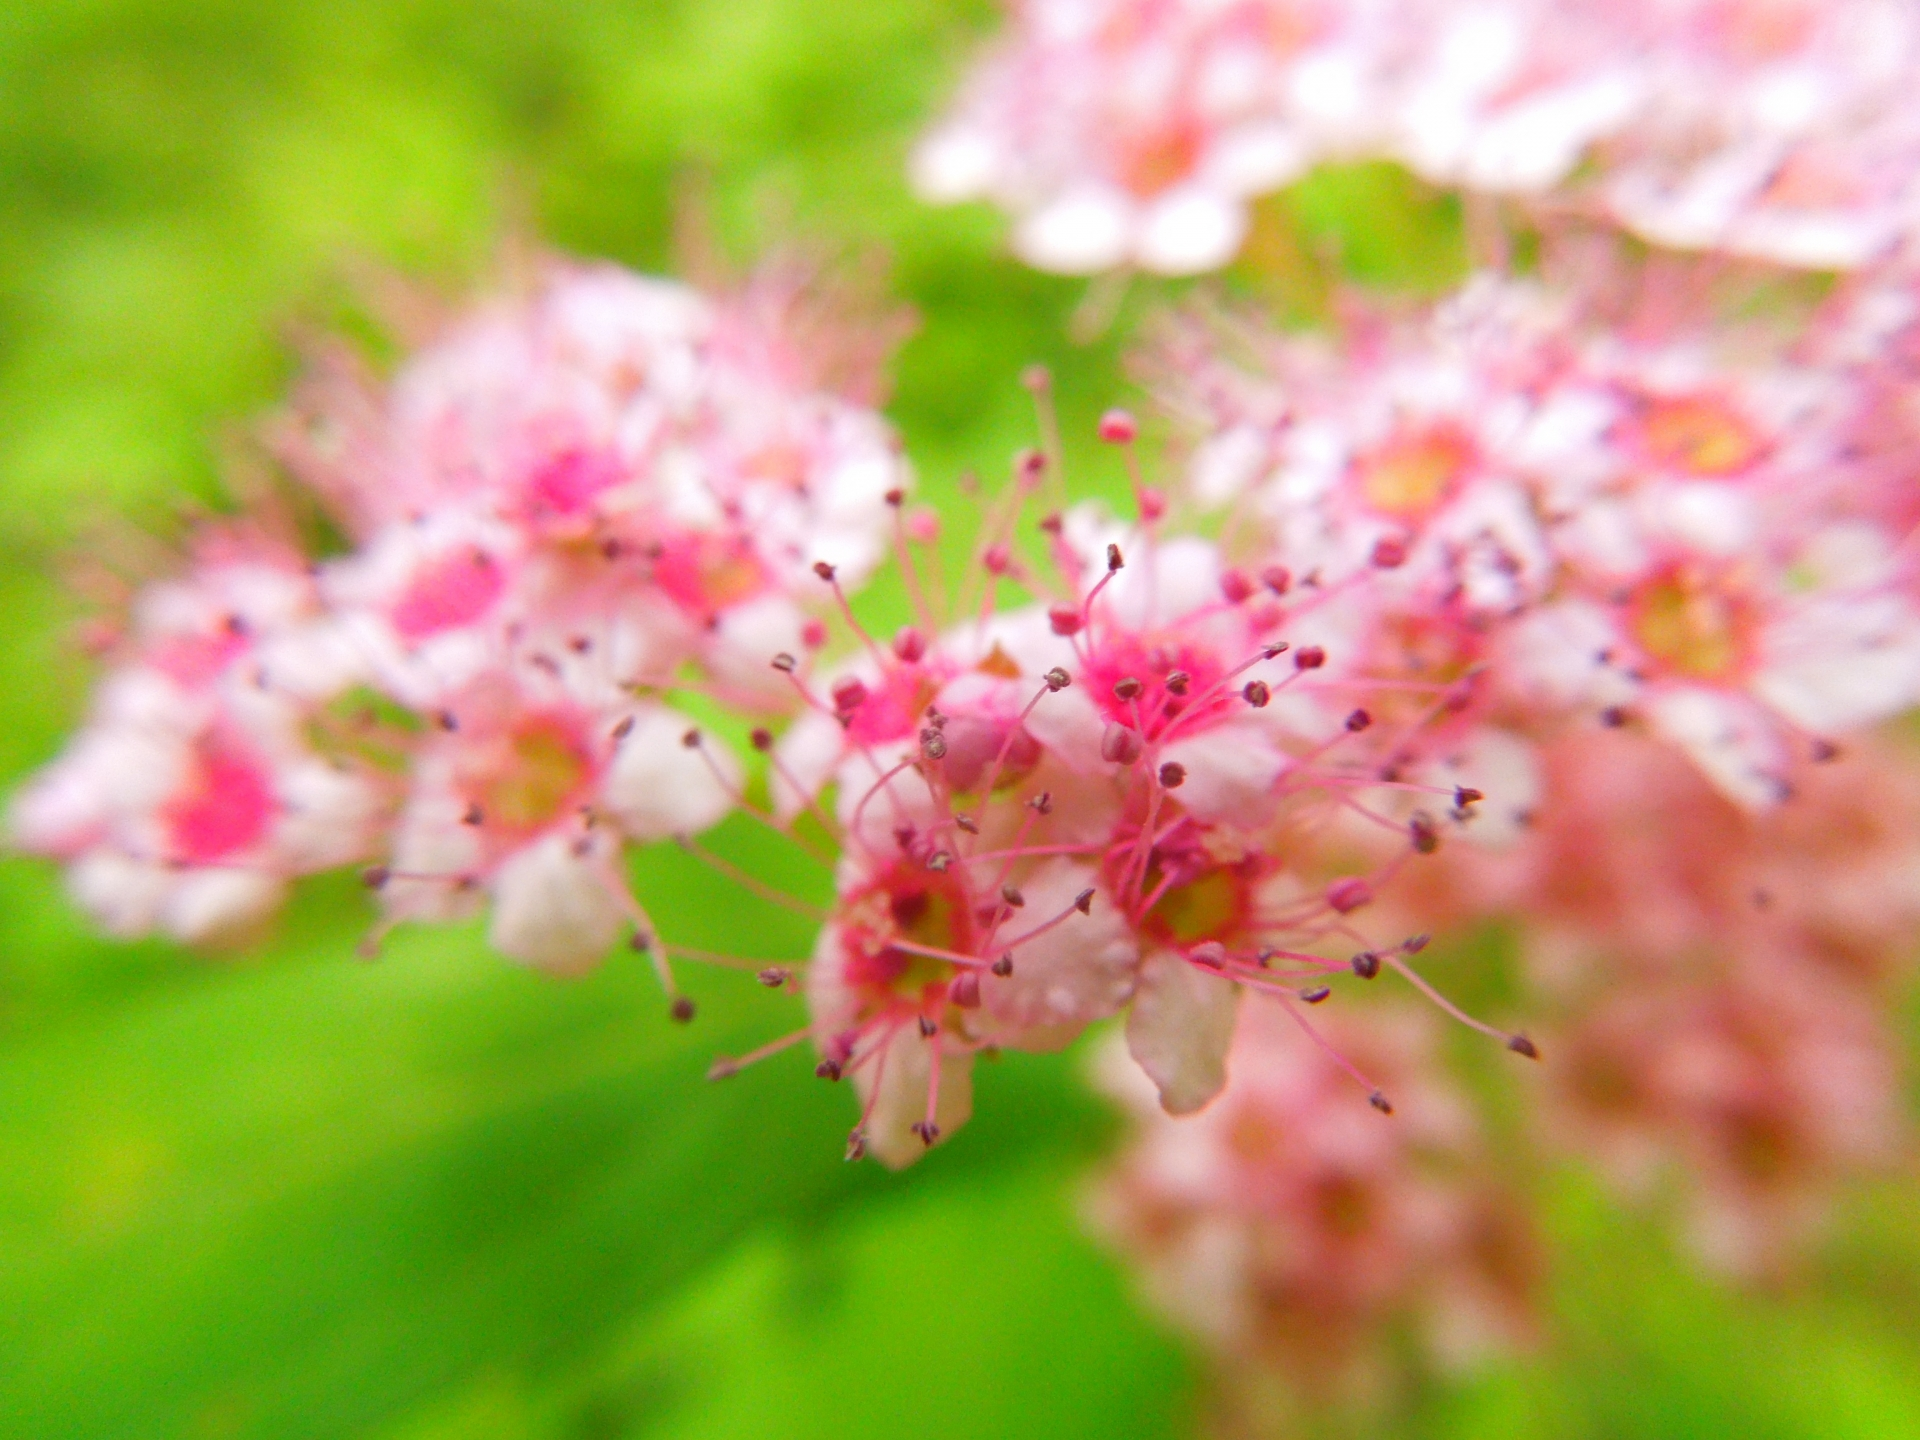 ガーデン用品屋さんの花図鑑 シモツケ